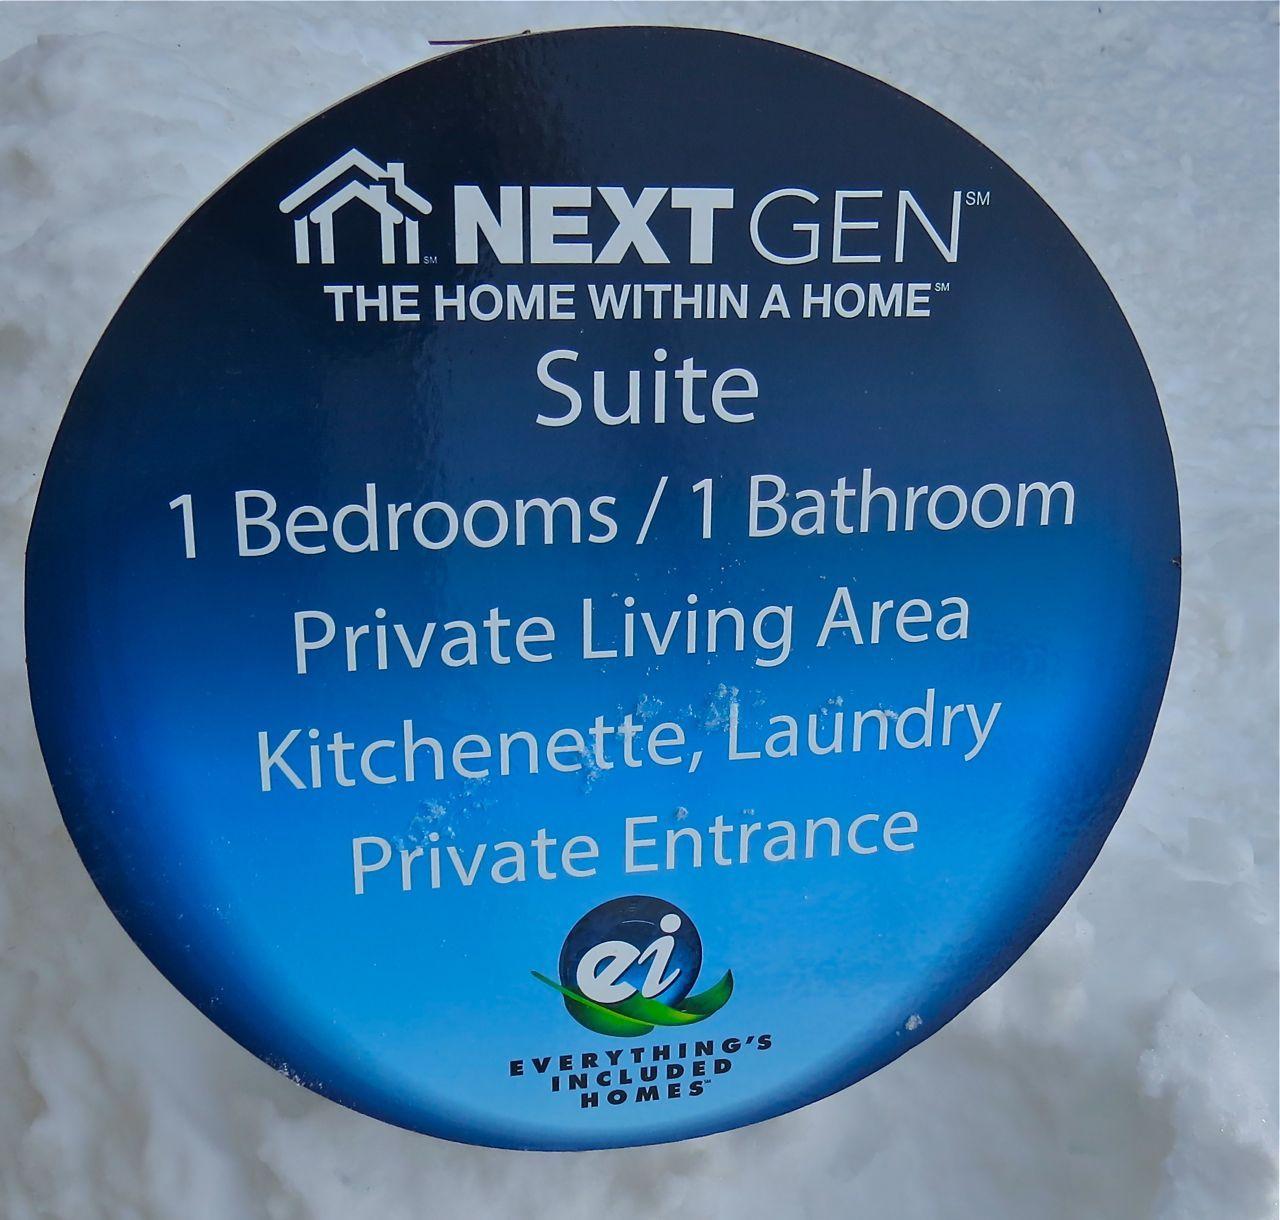 Next Gen 174 Homes By Lennar Meet A Market Niche